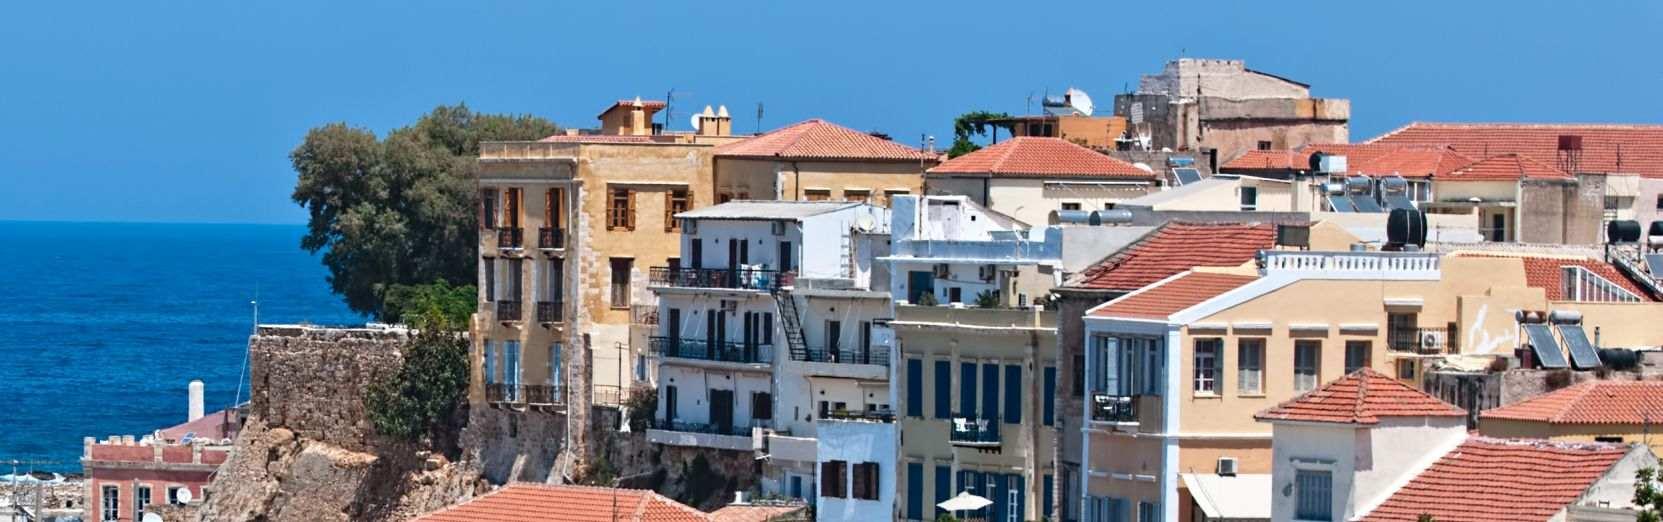 Billigurlaub Kreta